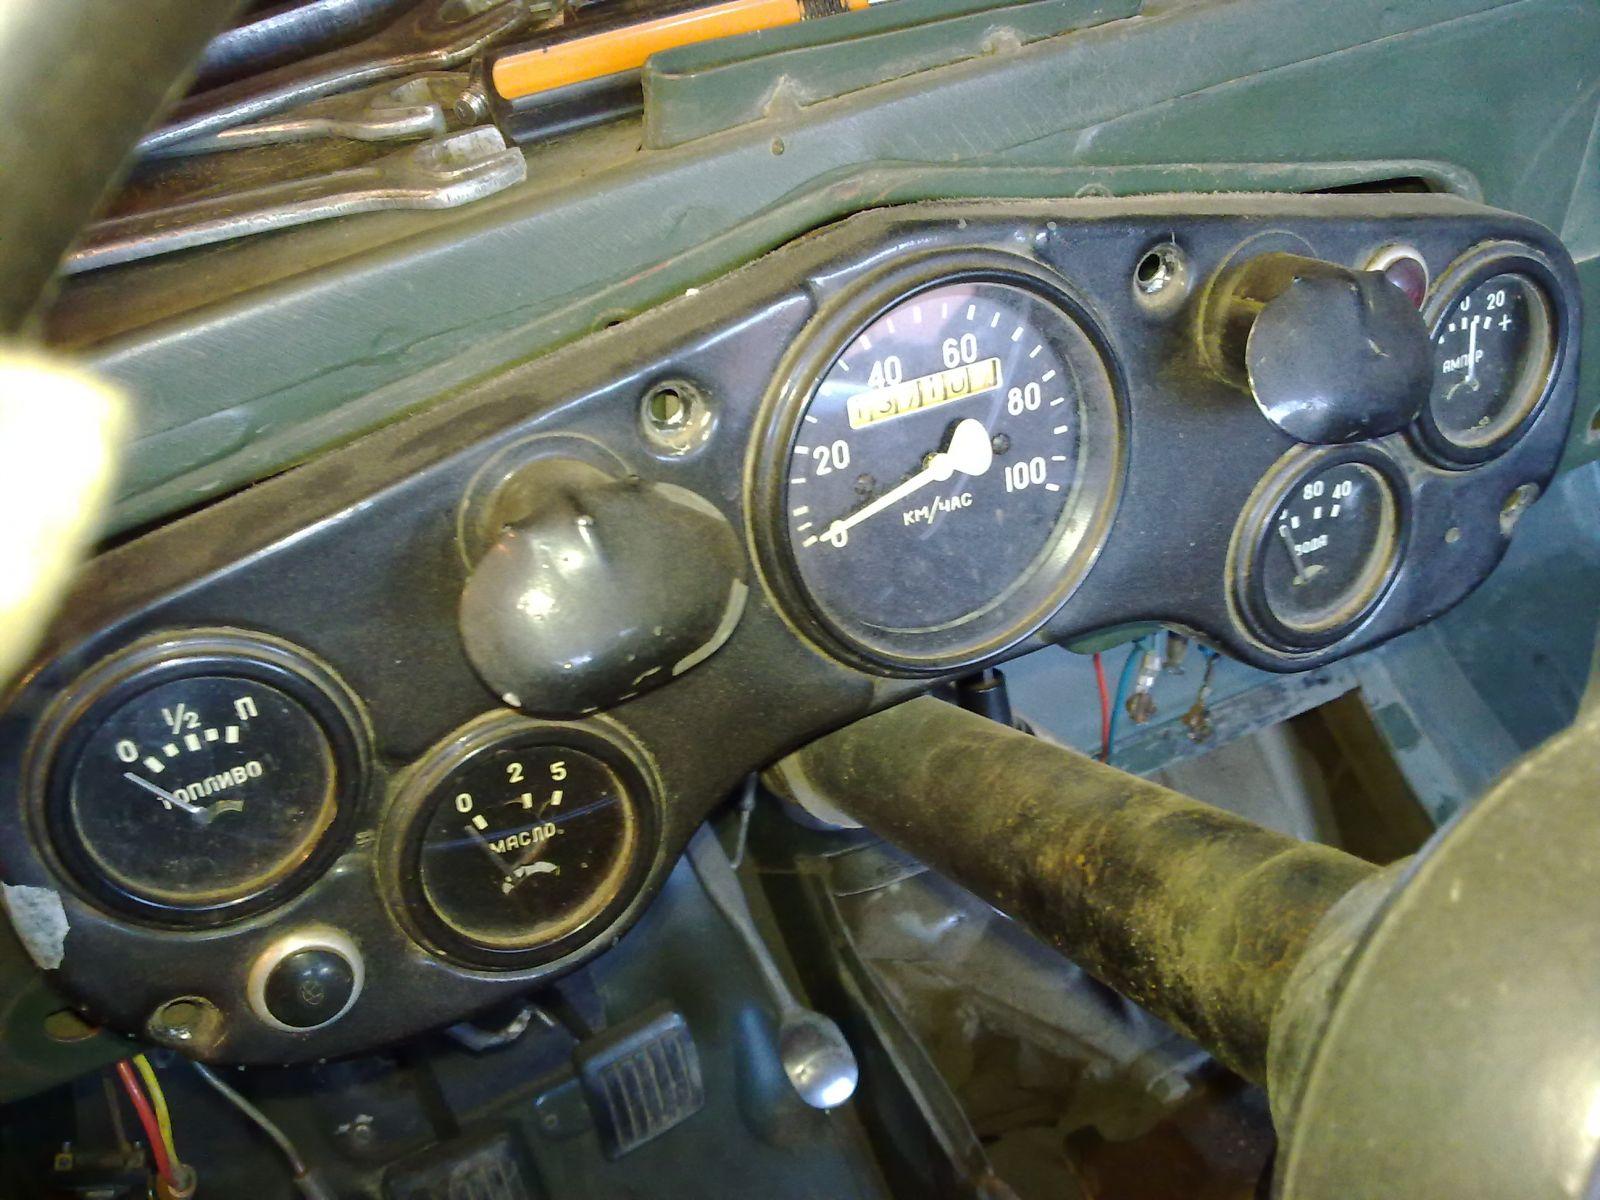 Приборка. Все приборы и спидометр с датой 1962. Ориг. расположение контрольных ламп, соотв. году выпуска. Авар. температуры воды в радиаторе - слева зеленая. Указателя поворота - справа красная. Дальнего света - красная.